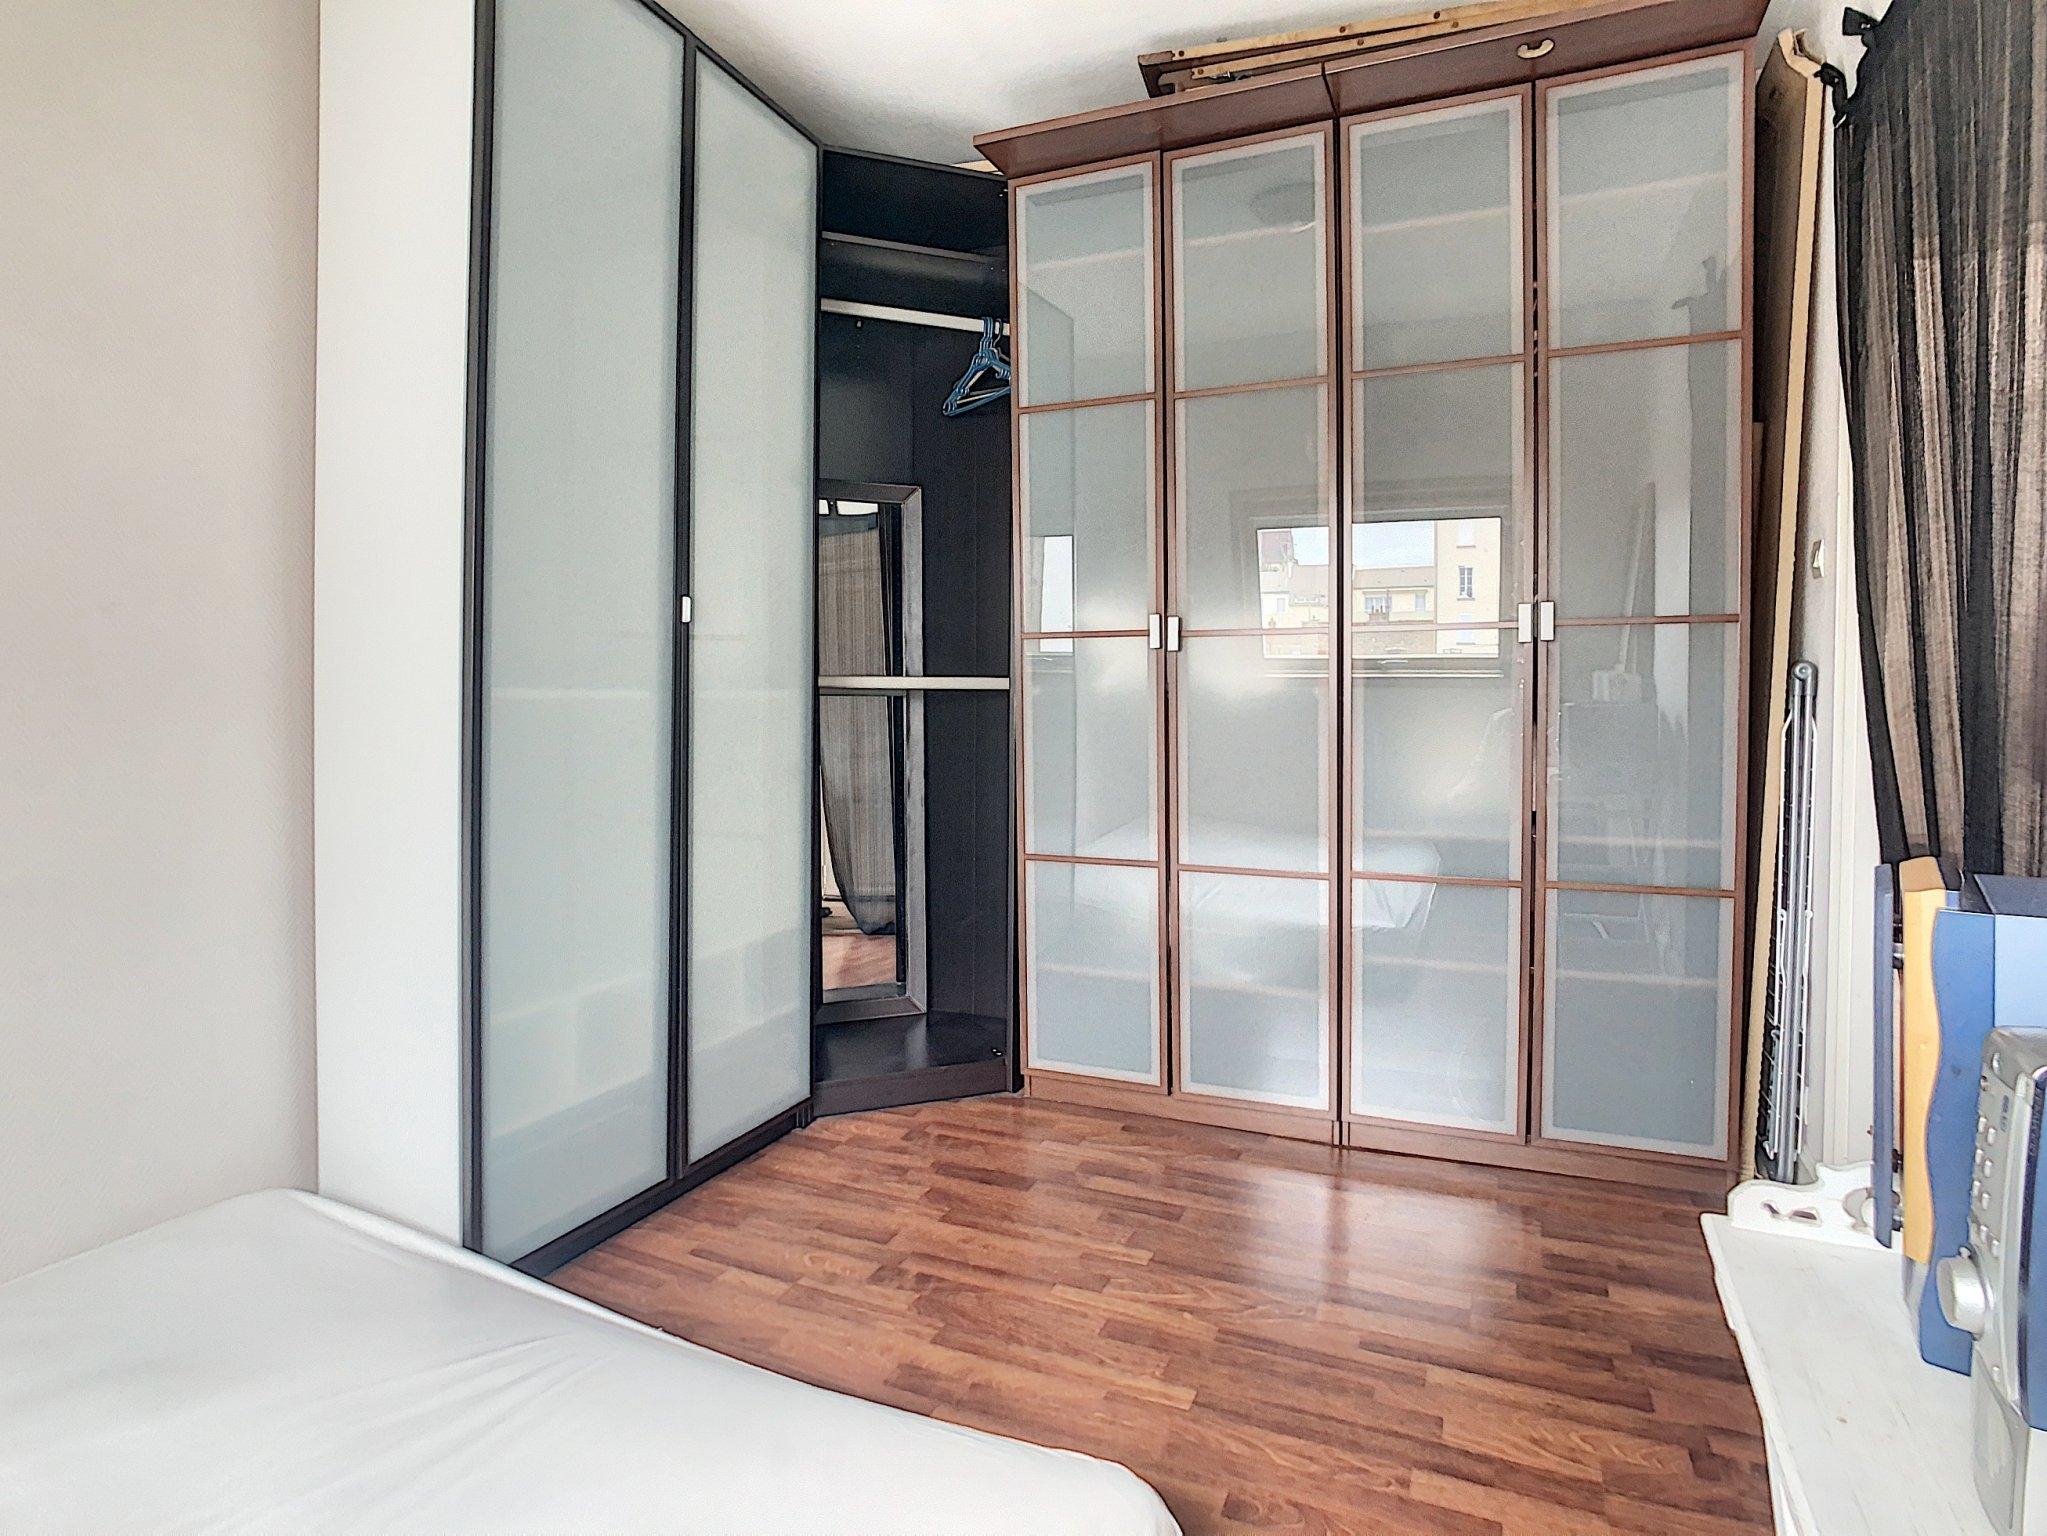 Appartement Reims 2 Pièces 48.5 m2 - 6